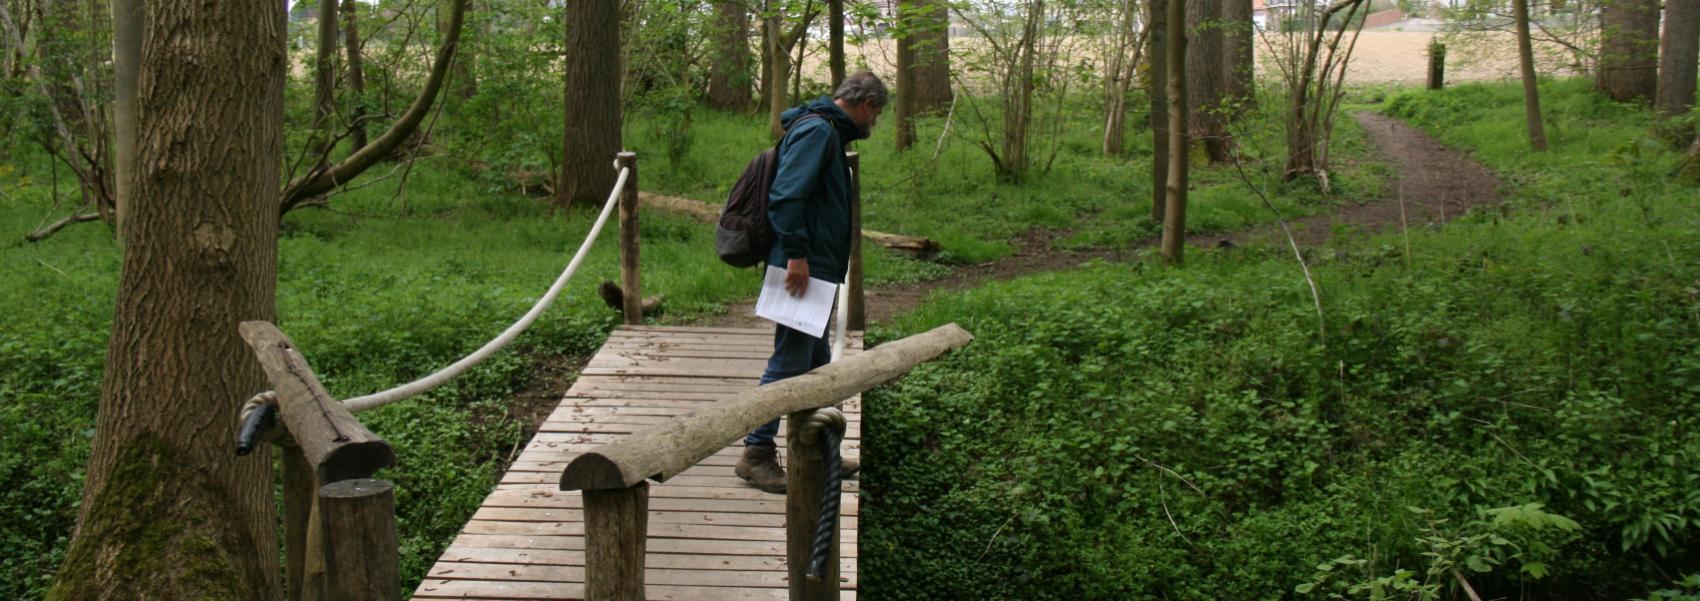 wandelaar op houten wandelpad